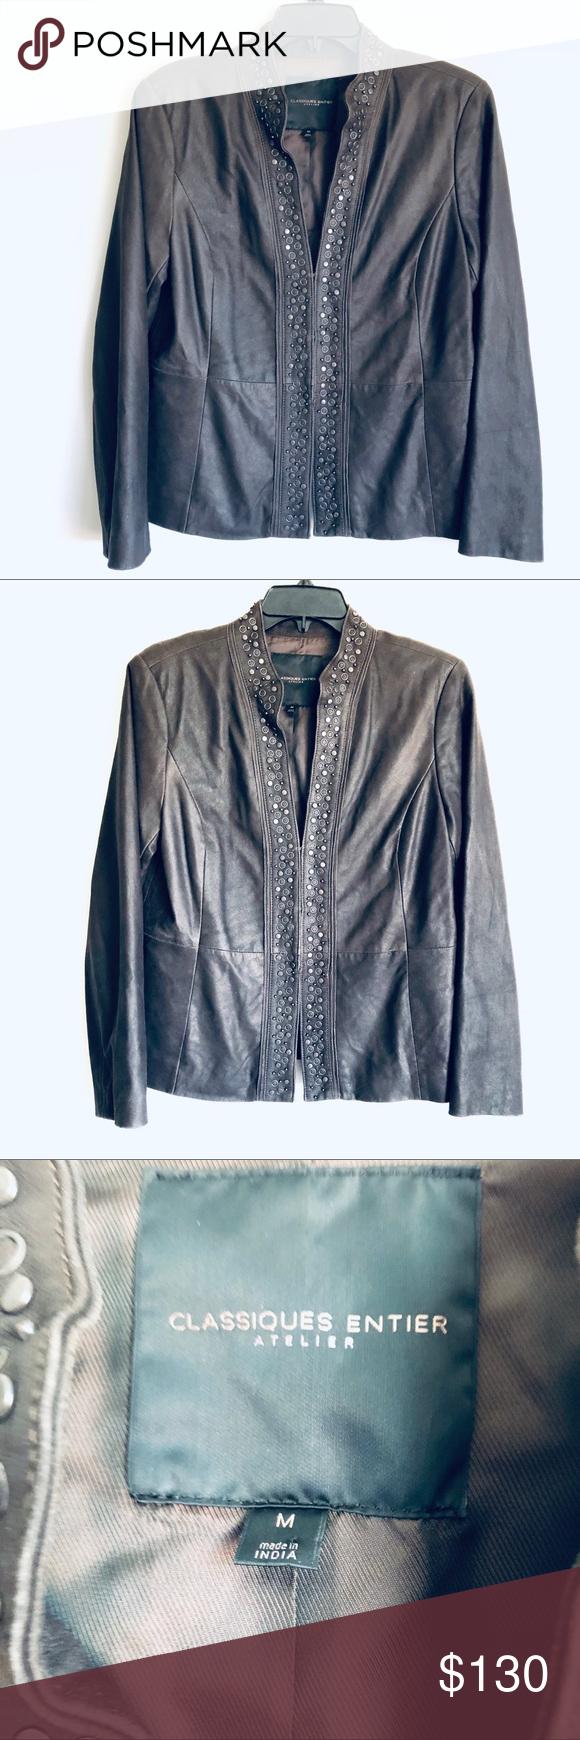 Classiques Entier Atelier Leather Jacket Studded Leather Jacket Studded Jacket Leather Jacket